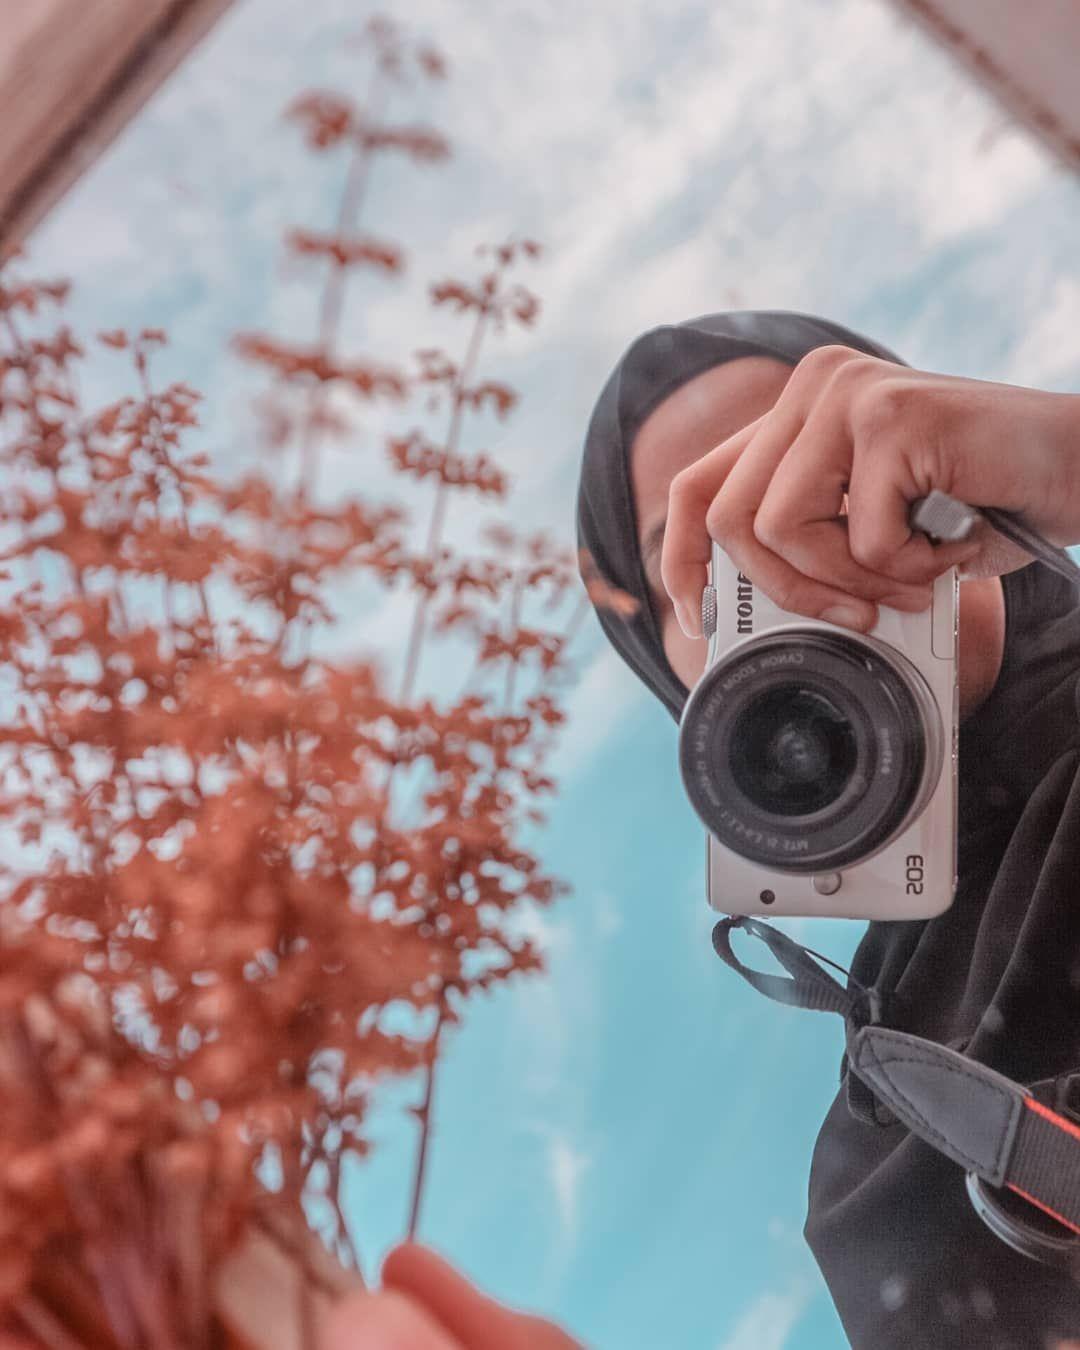 Ngaca diri.  Inframe : @kunuy04_ #lff #lfl #lff❤ #lfl💛 #lightroompresets #lightroomindonesia #lightroommobile #lightroomtutorials #lightroom #virtual #virtualphotography #photoshoot #photooftheday #photographyislife #photoeveryday #photographer #photography #zonaphotography #aesthetic